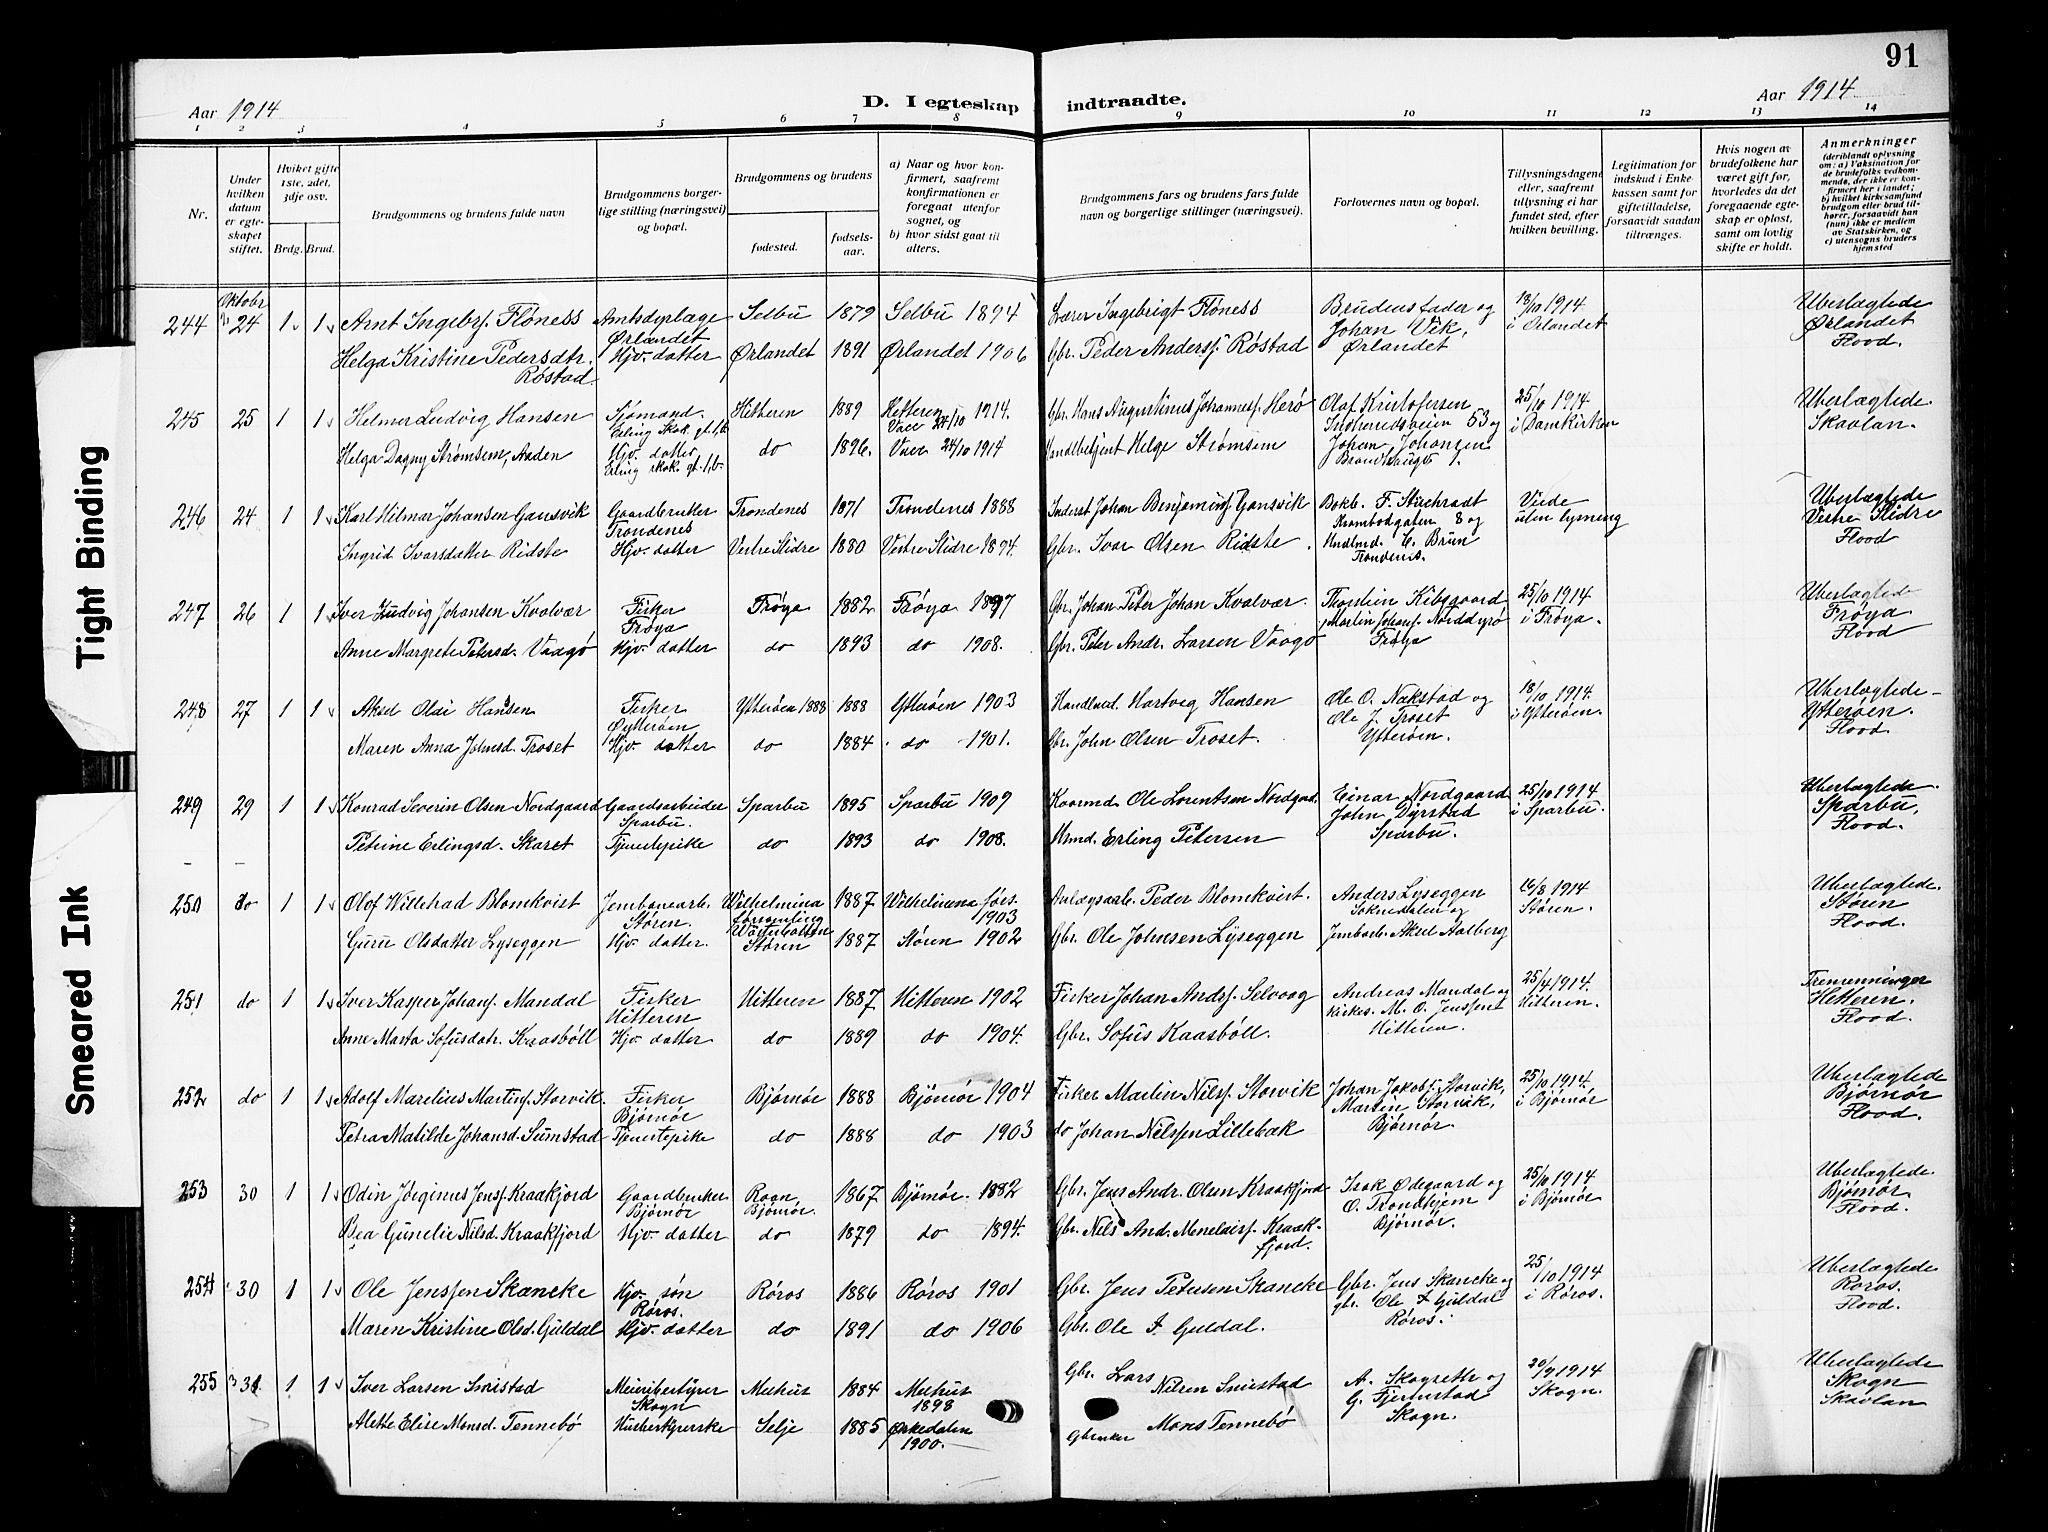 SAT, Ministerialprotokoller, klokkerbøker og fødselsregistre - Sør-Trøndelag, 601/L0097: Klokkerbok nr. 601C15, 1911-1921, s. 91